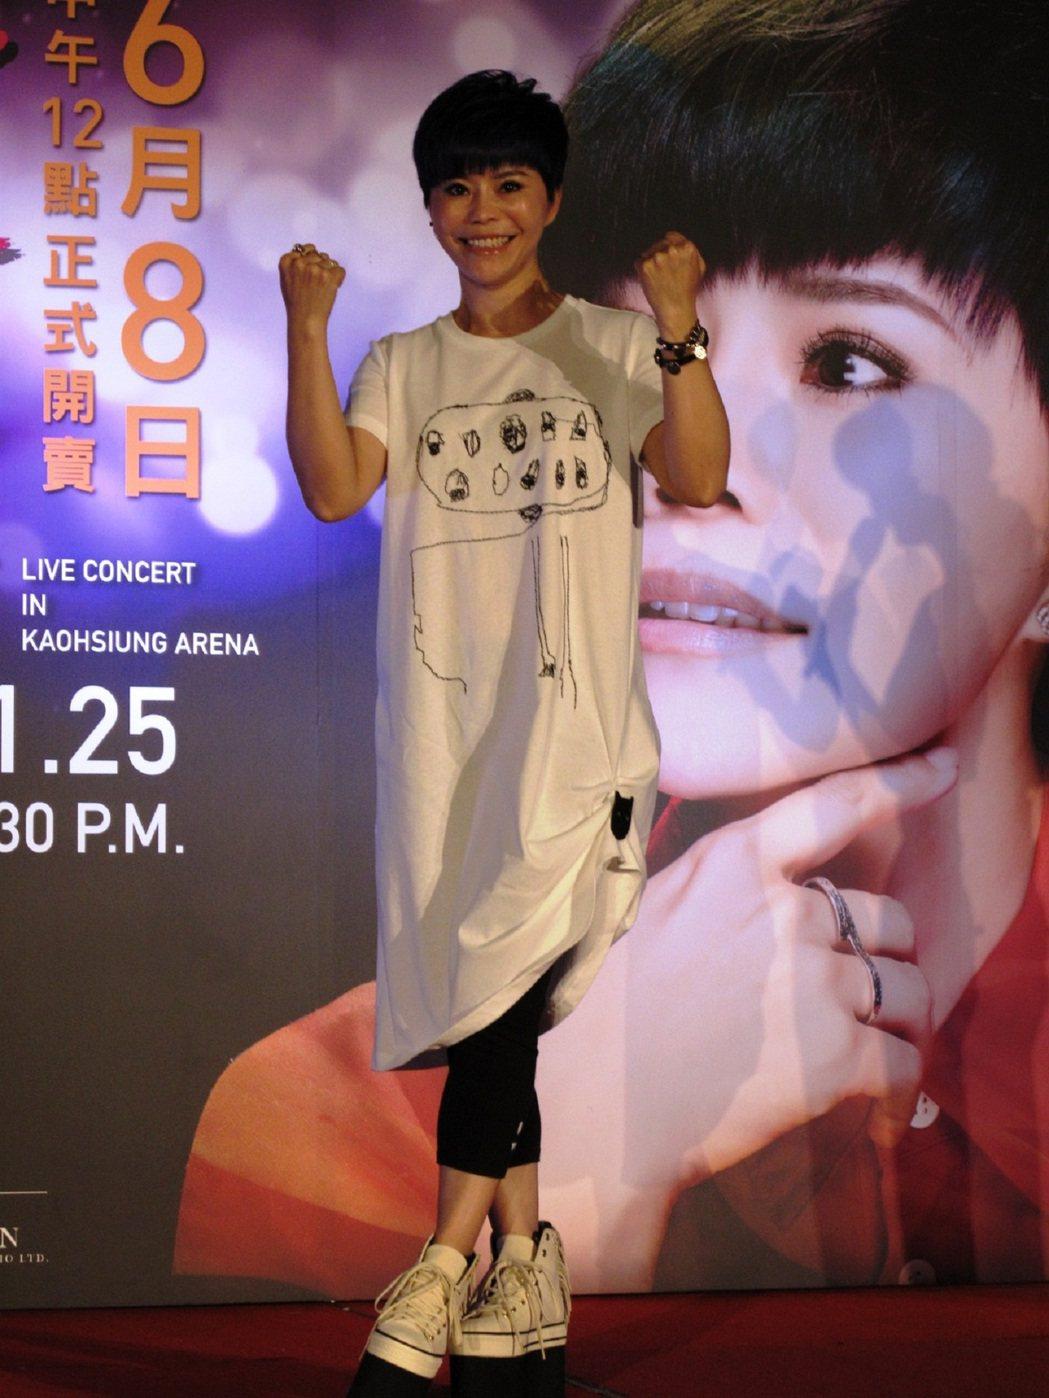 詹雅雯宣布高雄演唱會。圖/寬宏提供